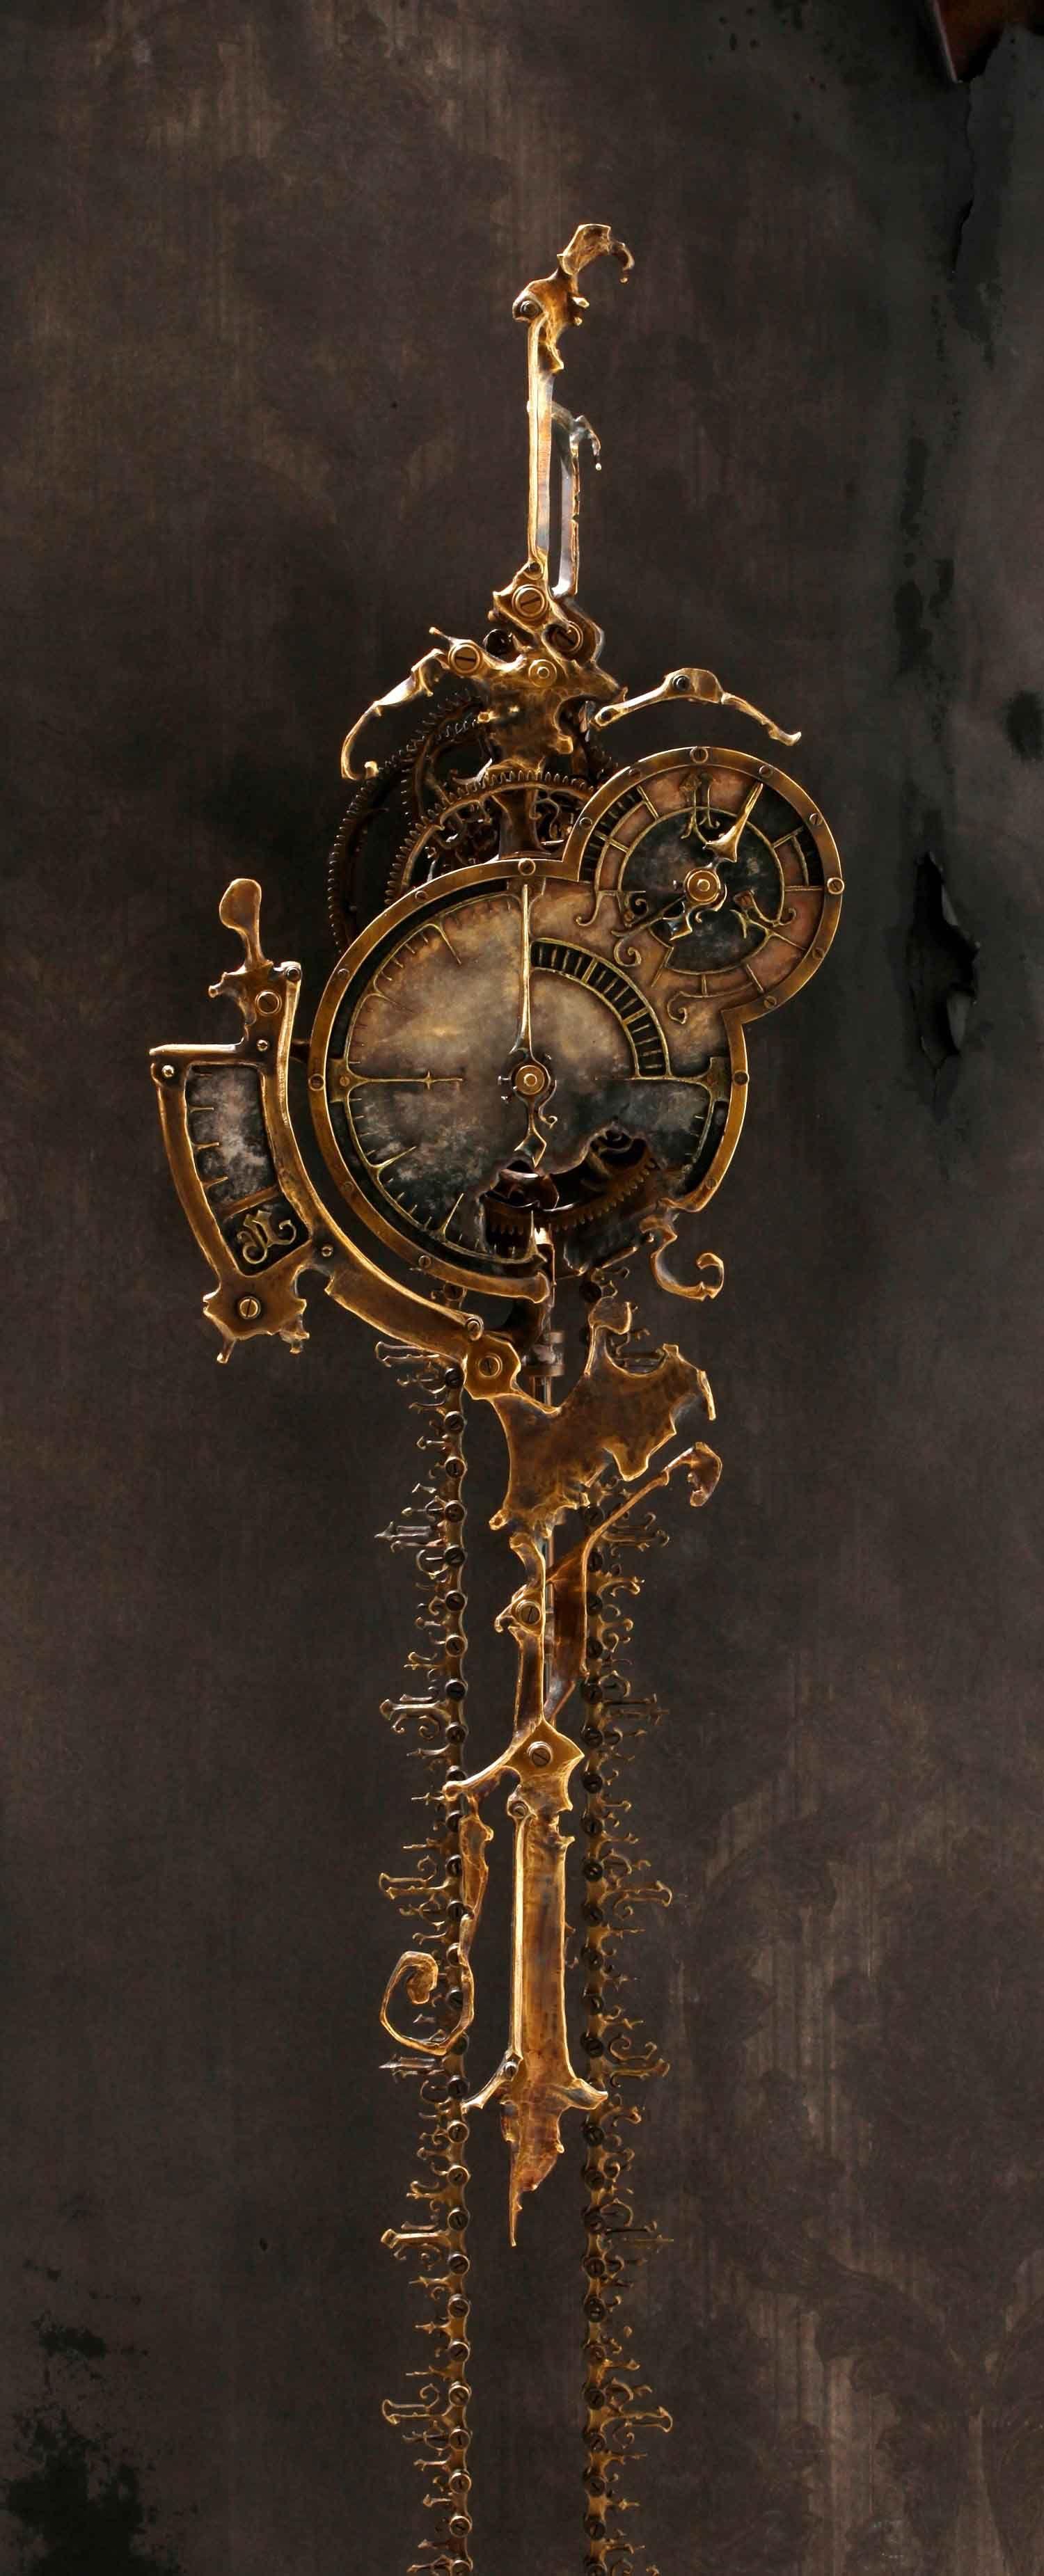 clock- amazing